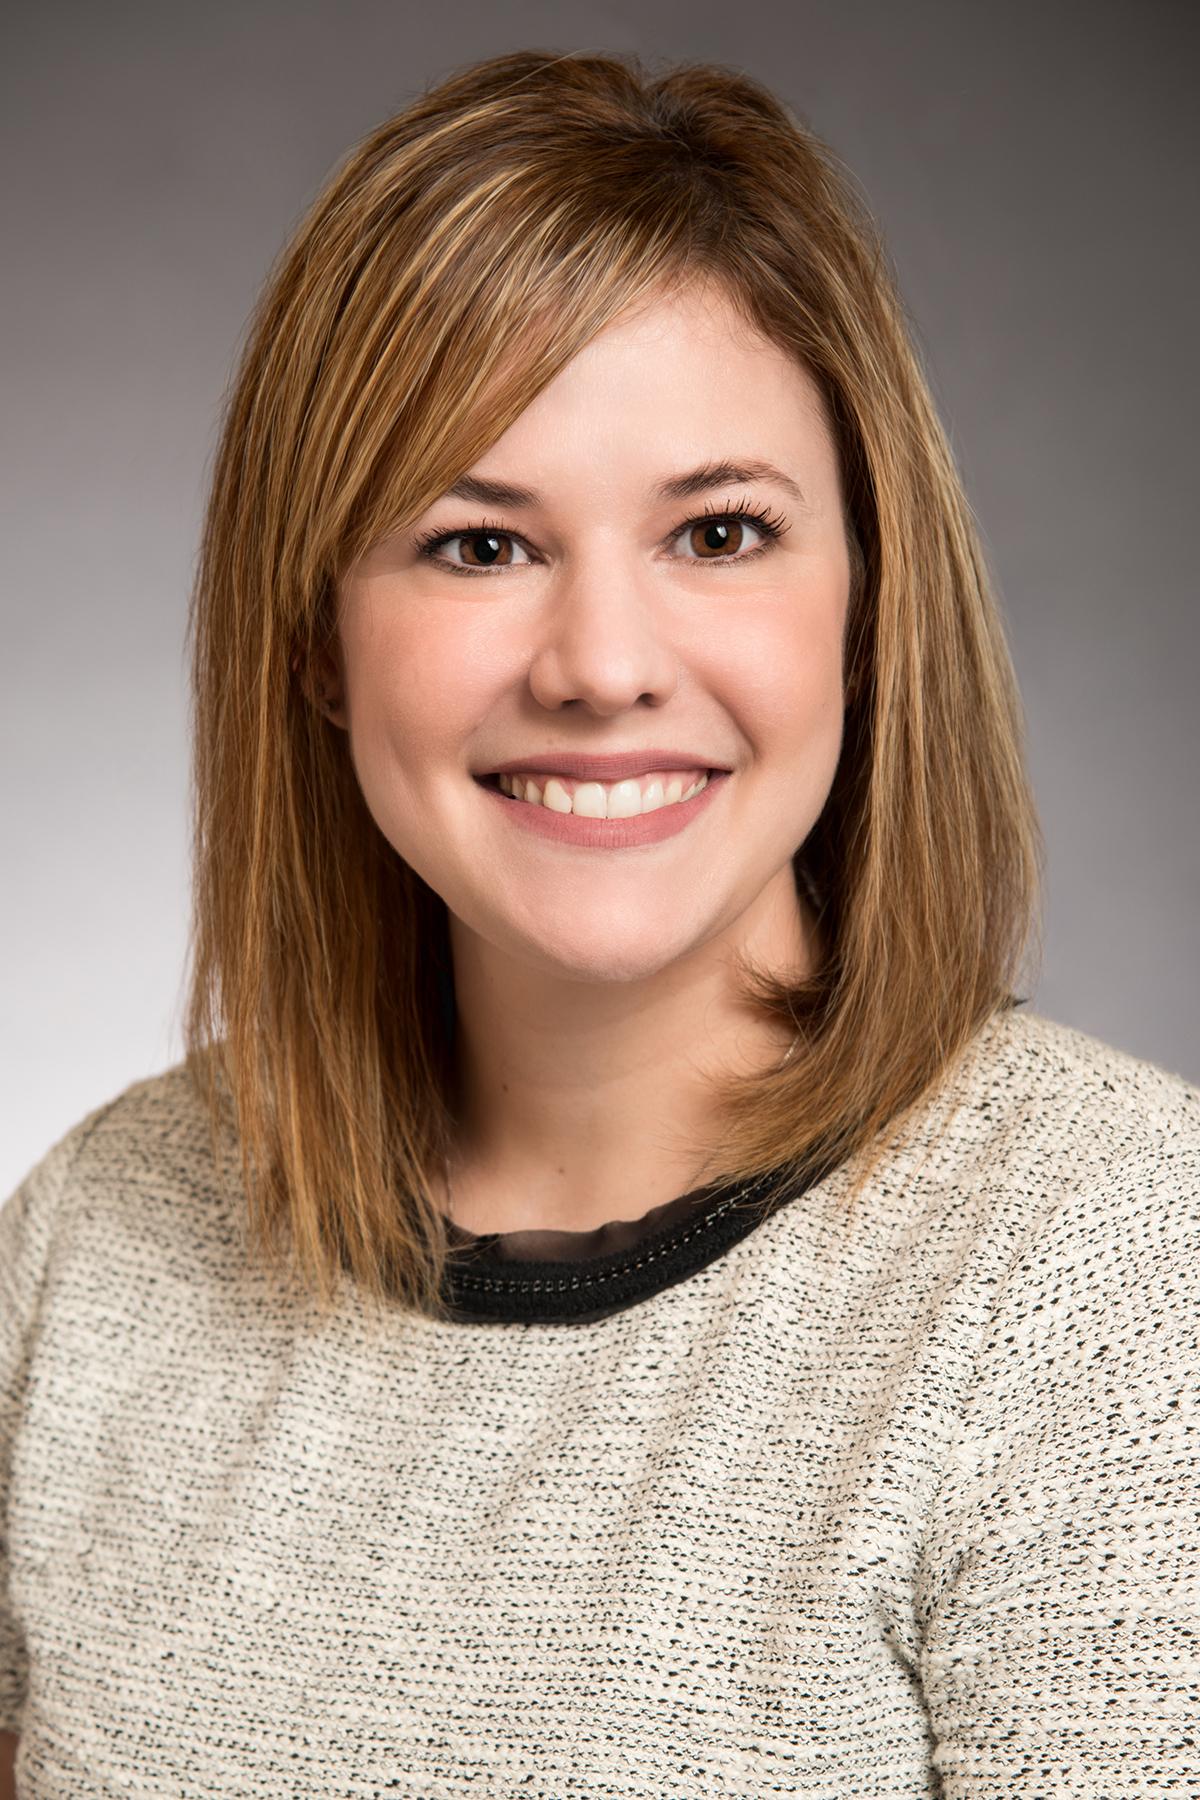 Paige Shoemake, M.S., CCC-SLP